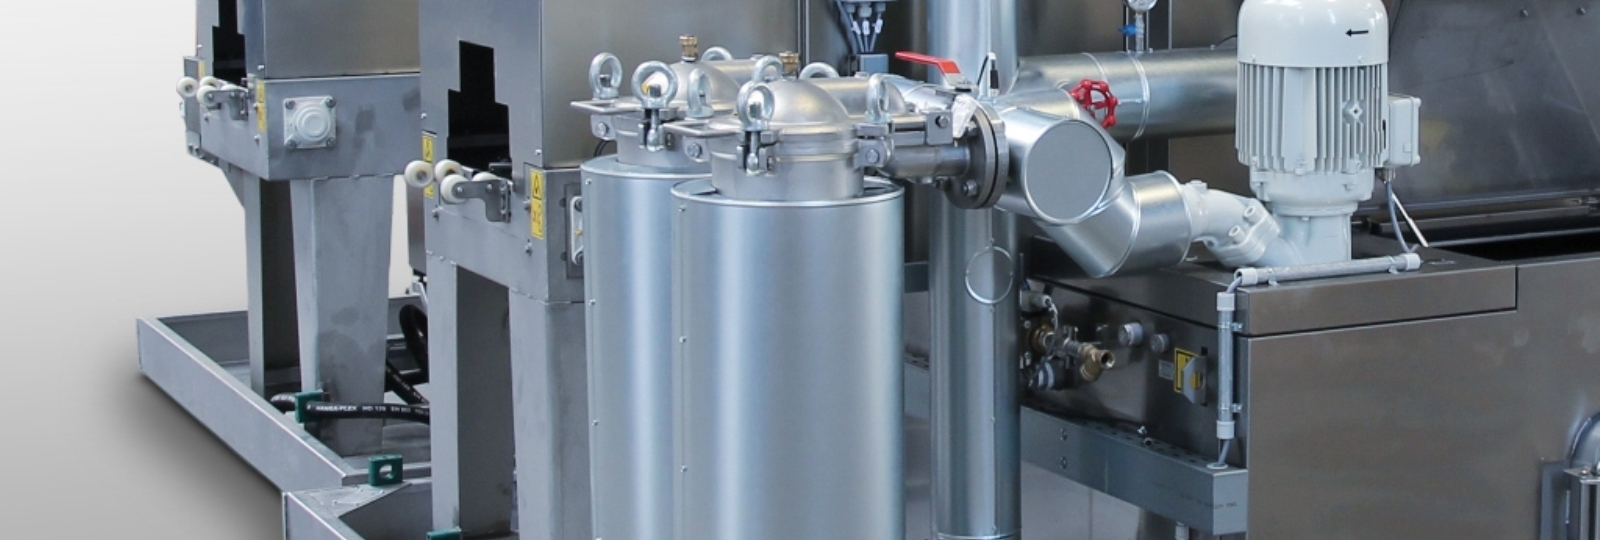 Filterisolierung, Dampfkondensatoren, Abluftmanagement, energieeffiziente Motoren und viele weitere Komponenten sorgen für Energieeinsparung und das dauerhafte Senken von Betriebskosten